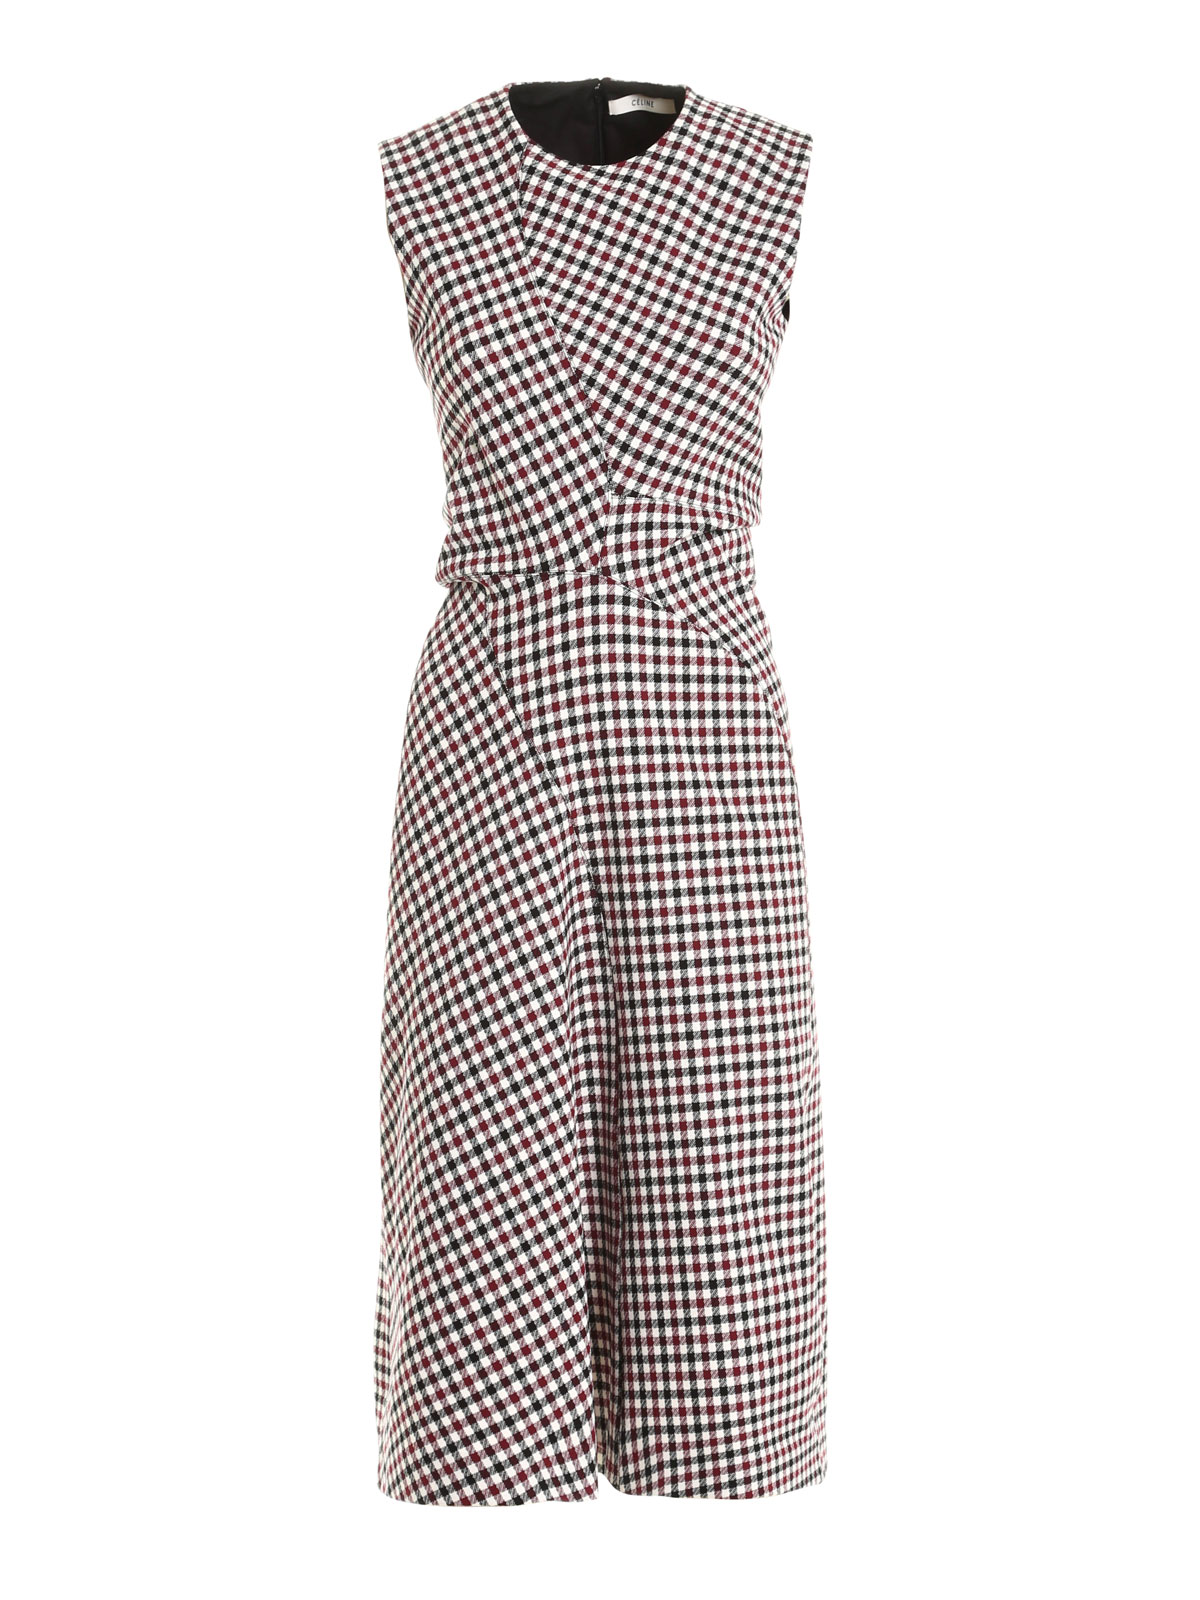 free shipping 1c1ff a77d0 Céline - Abito mini in cotone a quadretti - abiti lunghi ...